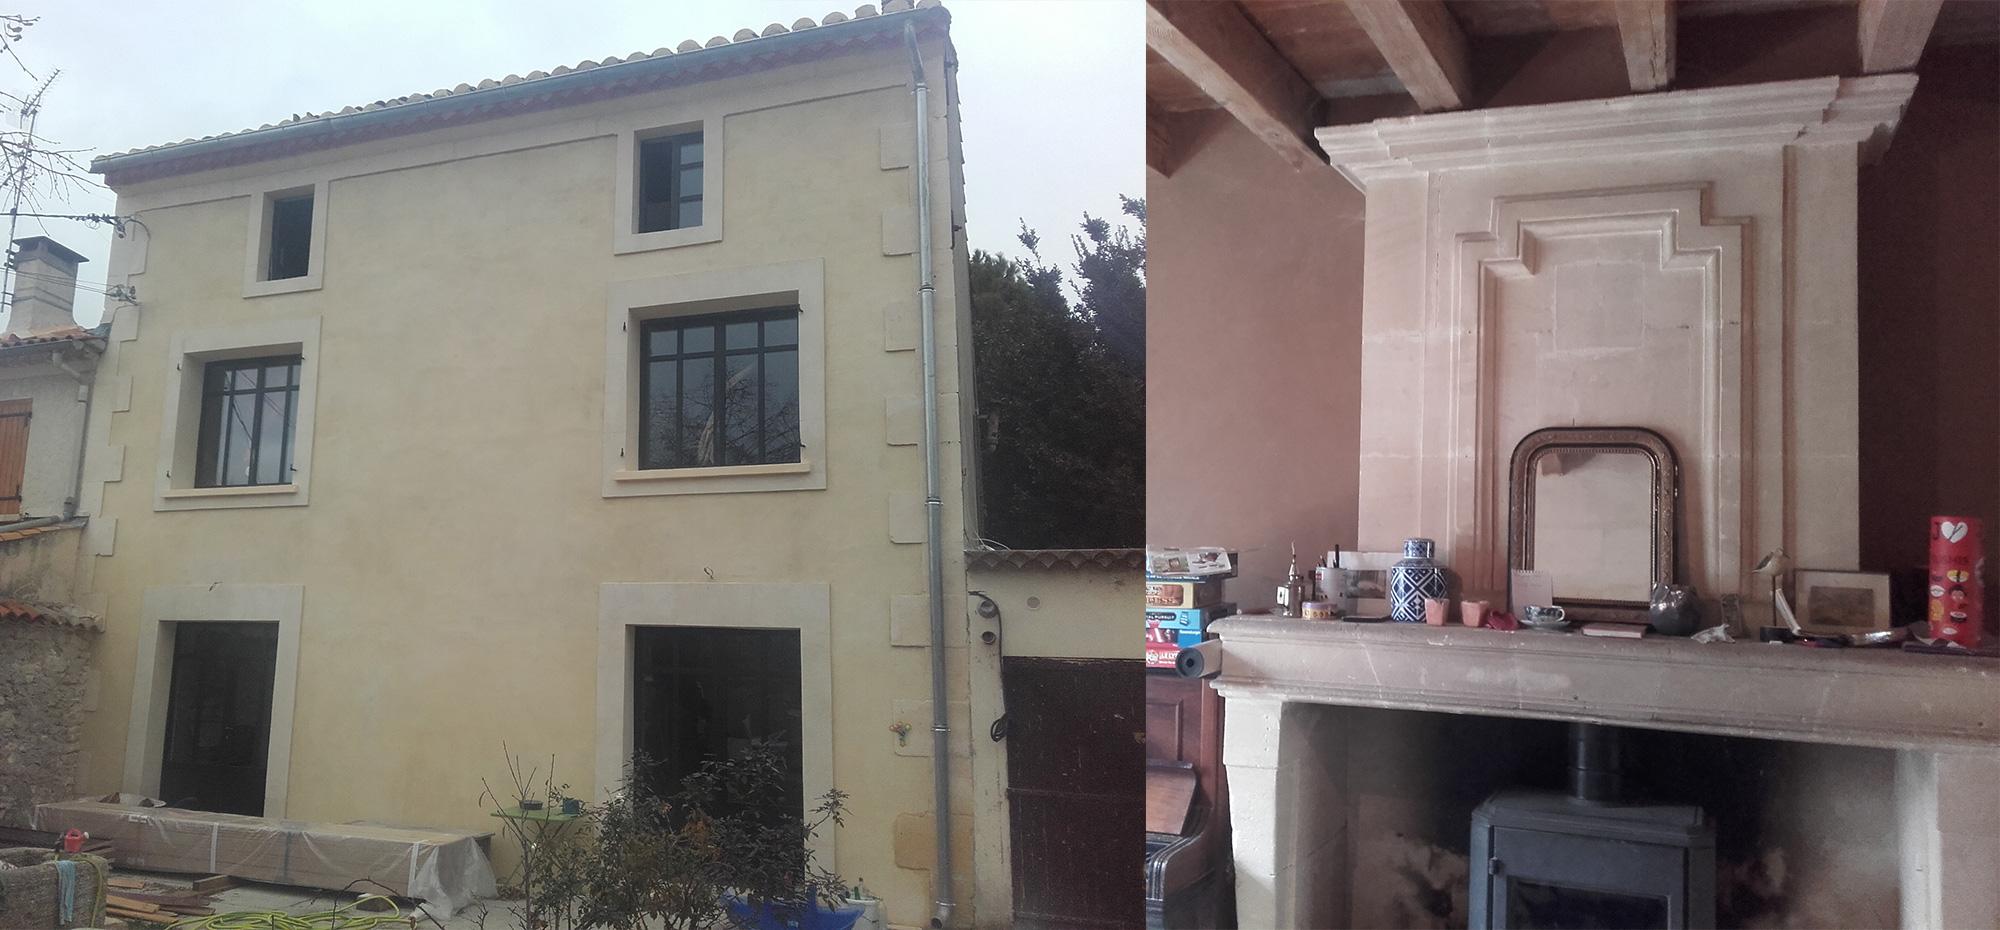 Restauration et isolation d'une maison avec des matériaux et des techniques écologique